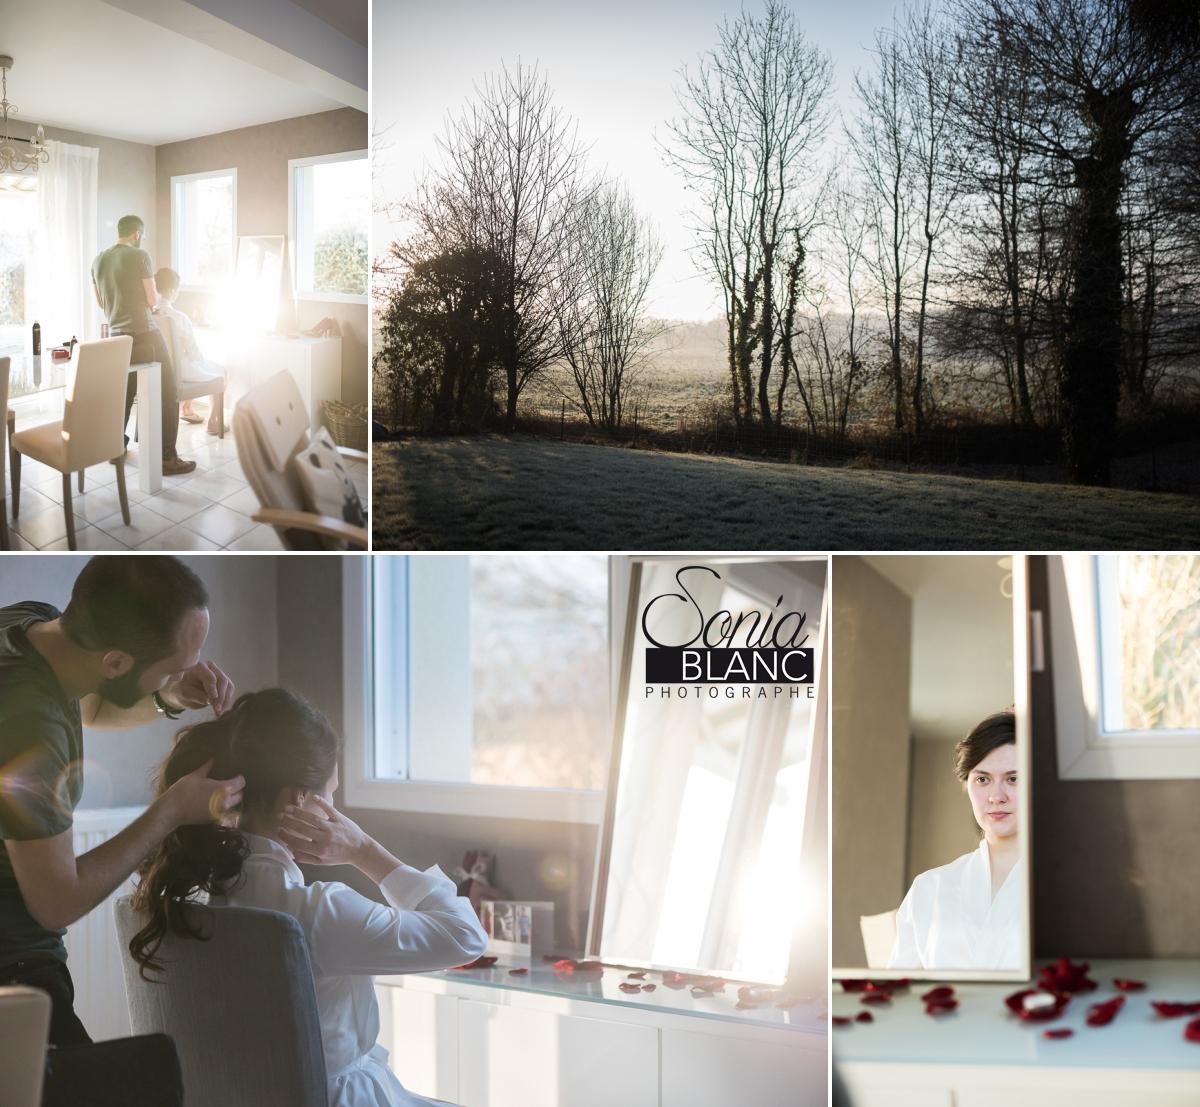 3 - Preparatifs - mariage à rennes - Bretagne - manoir de la begaudiere - sonia blanc photographe